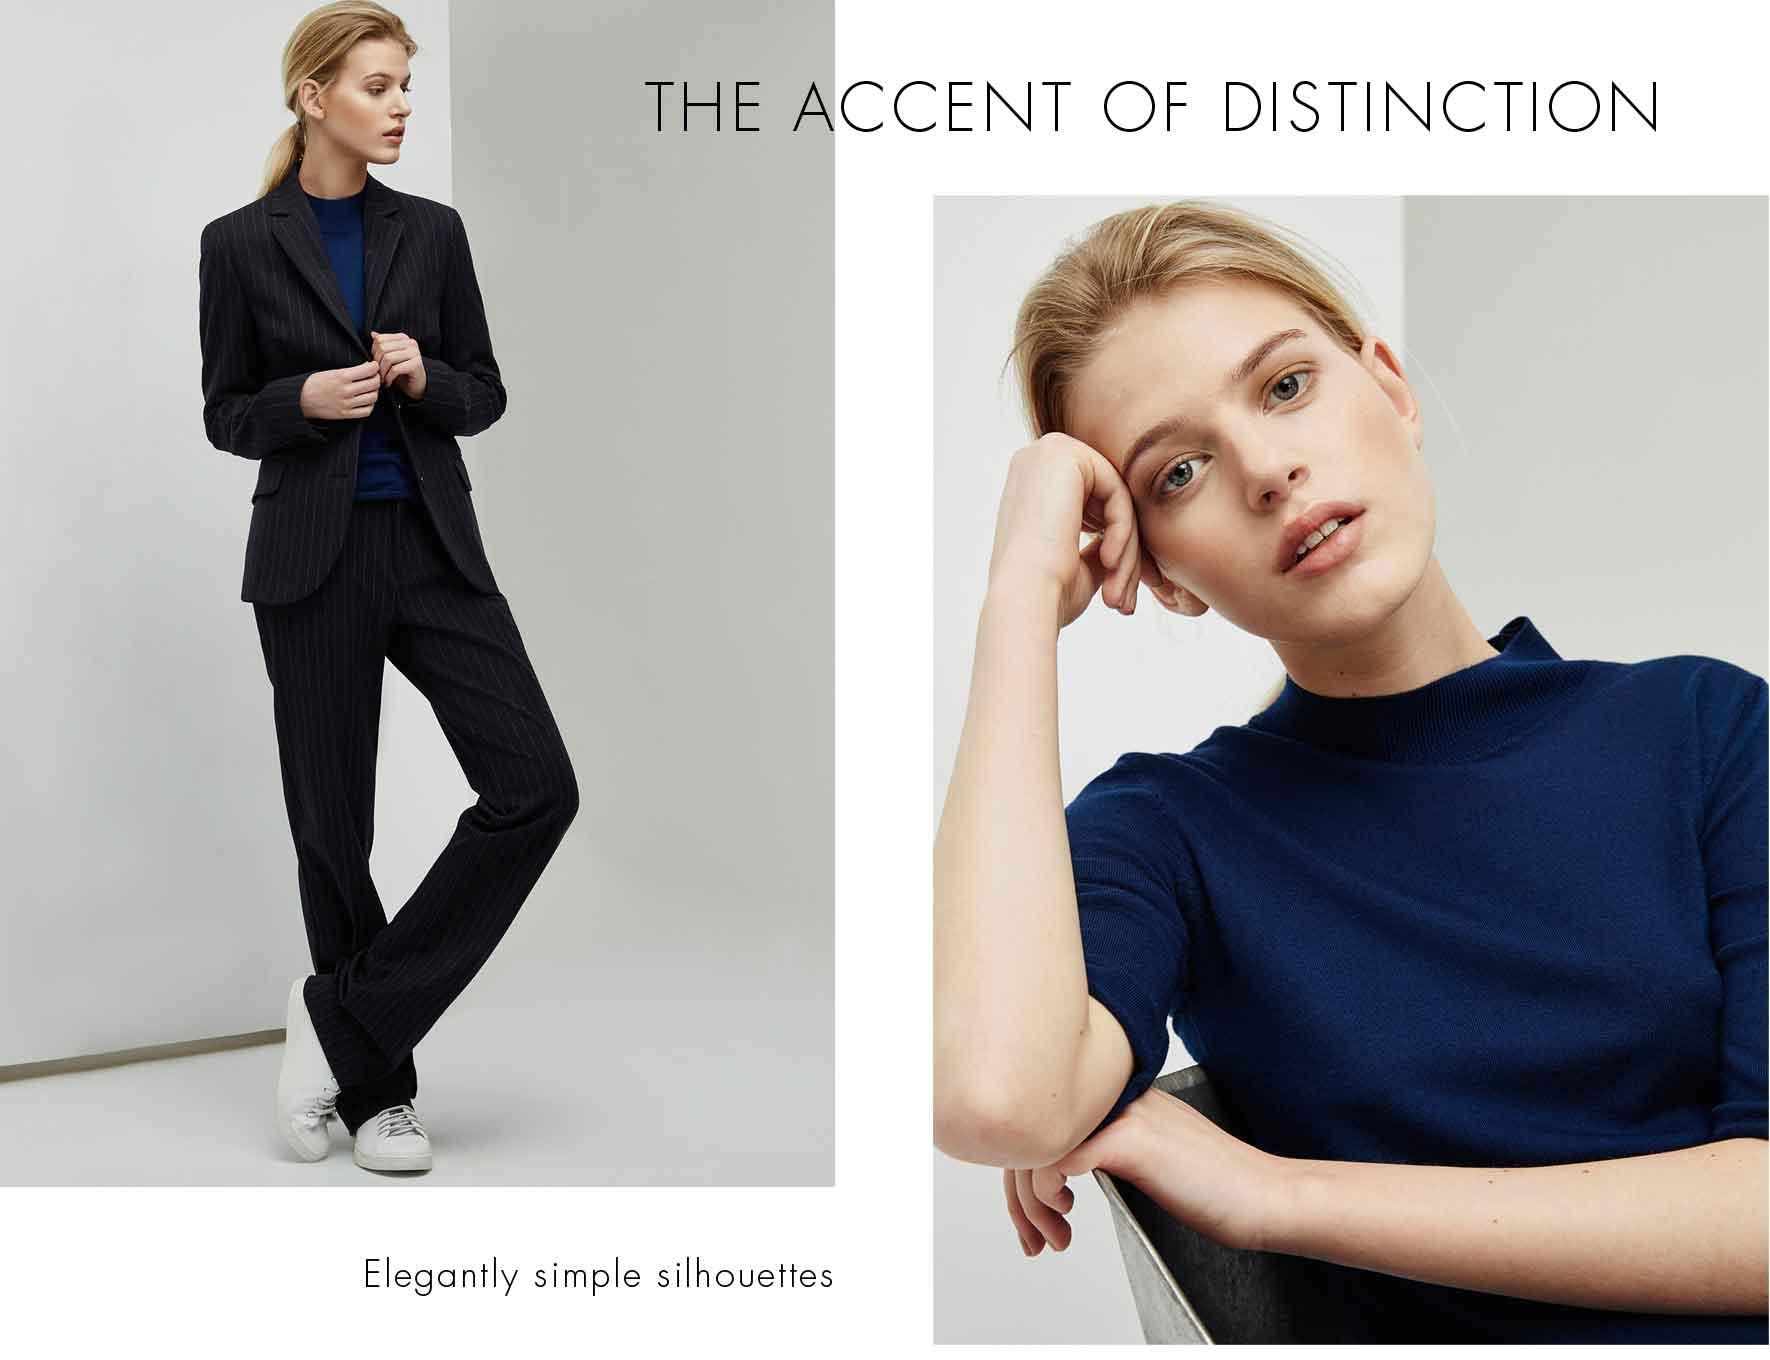 Trajes de chaqueta mujer con rayas  - Pantalón Tailored de rayas -  Moda AD Mujer -  Adolfo Dominguez